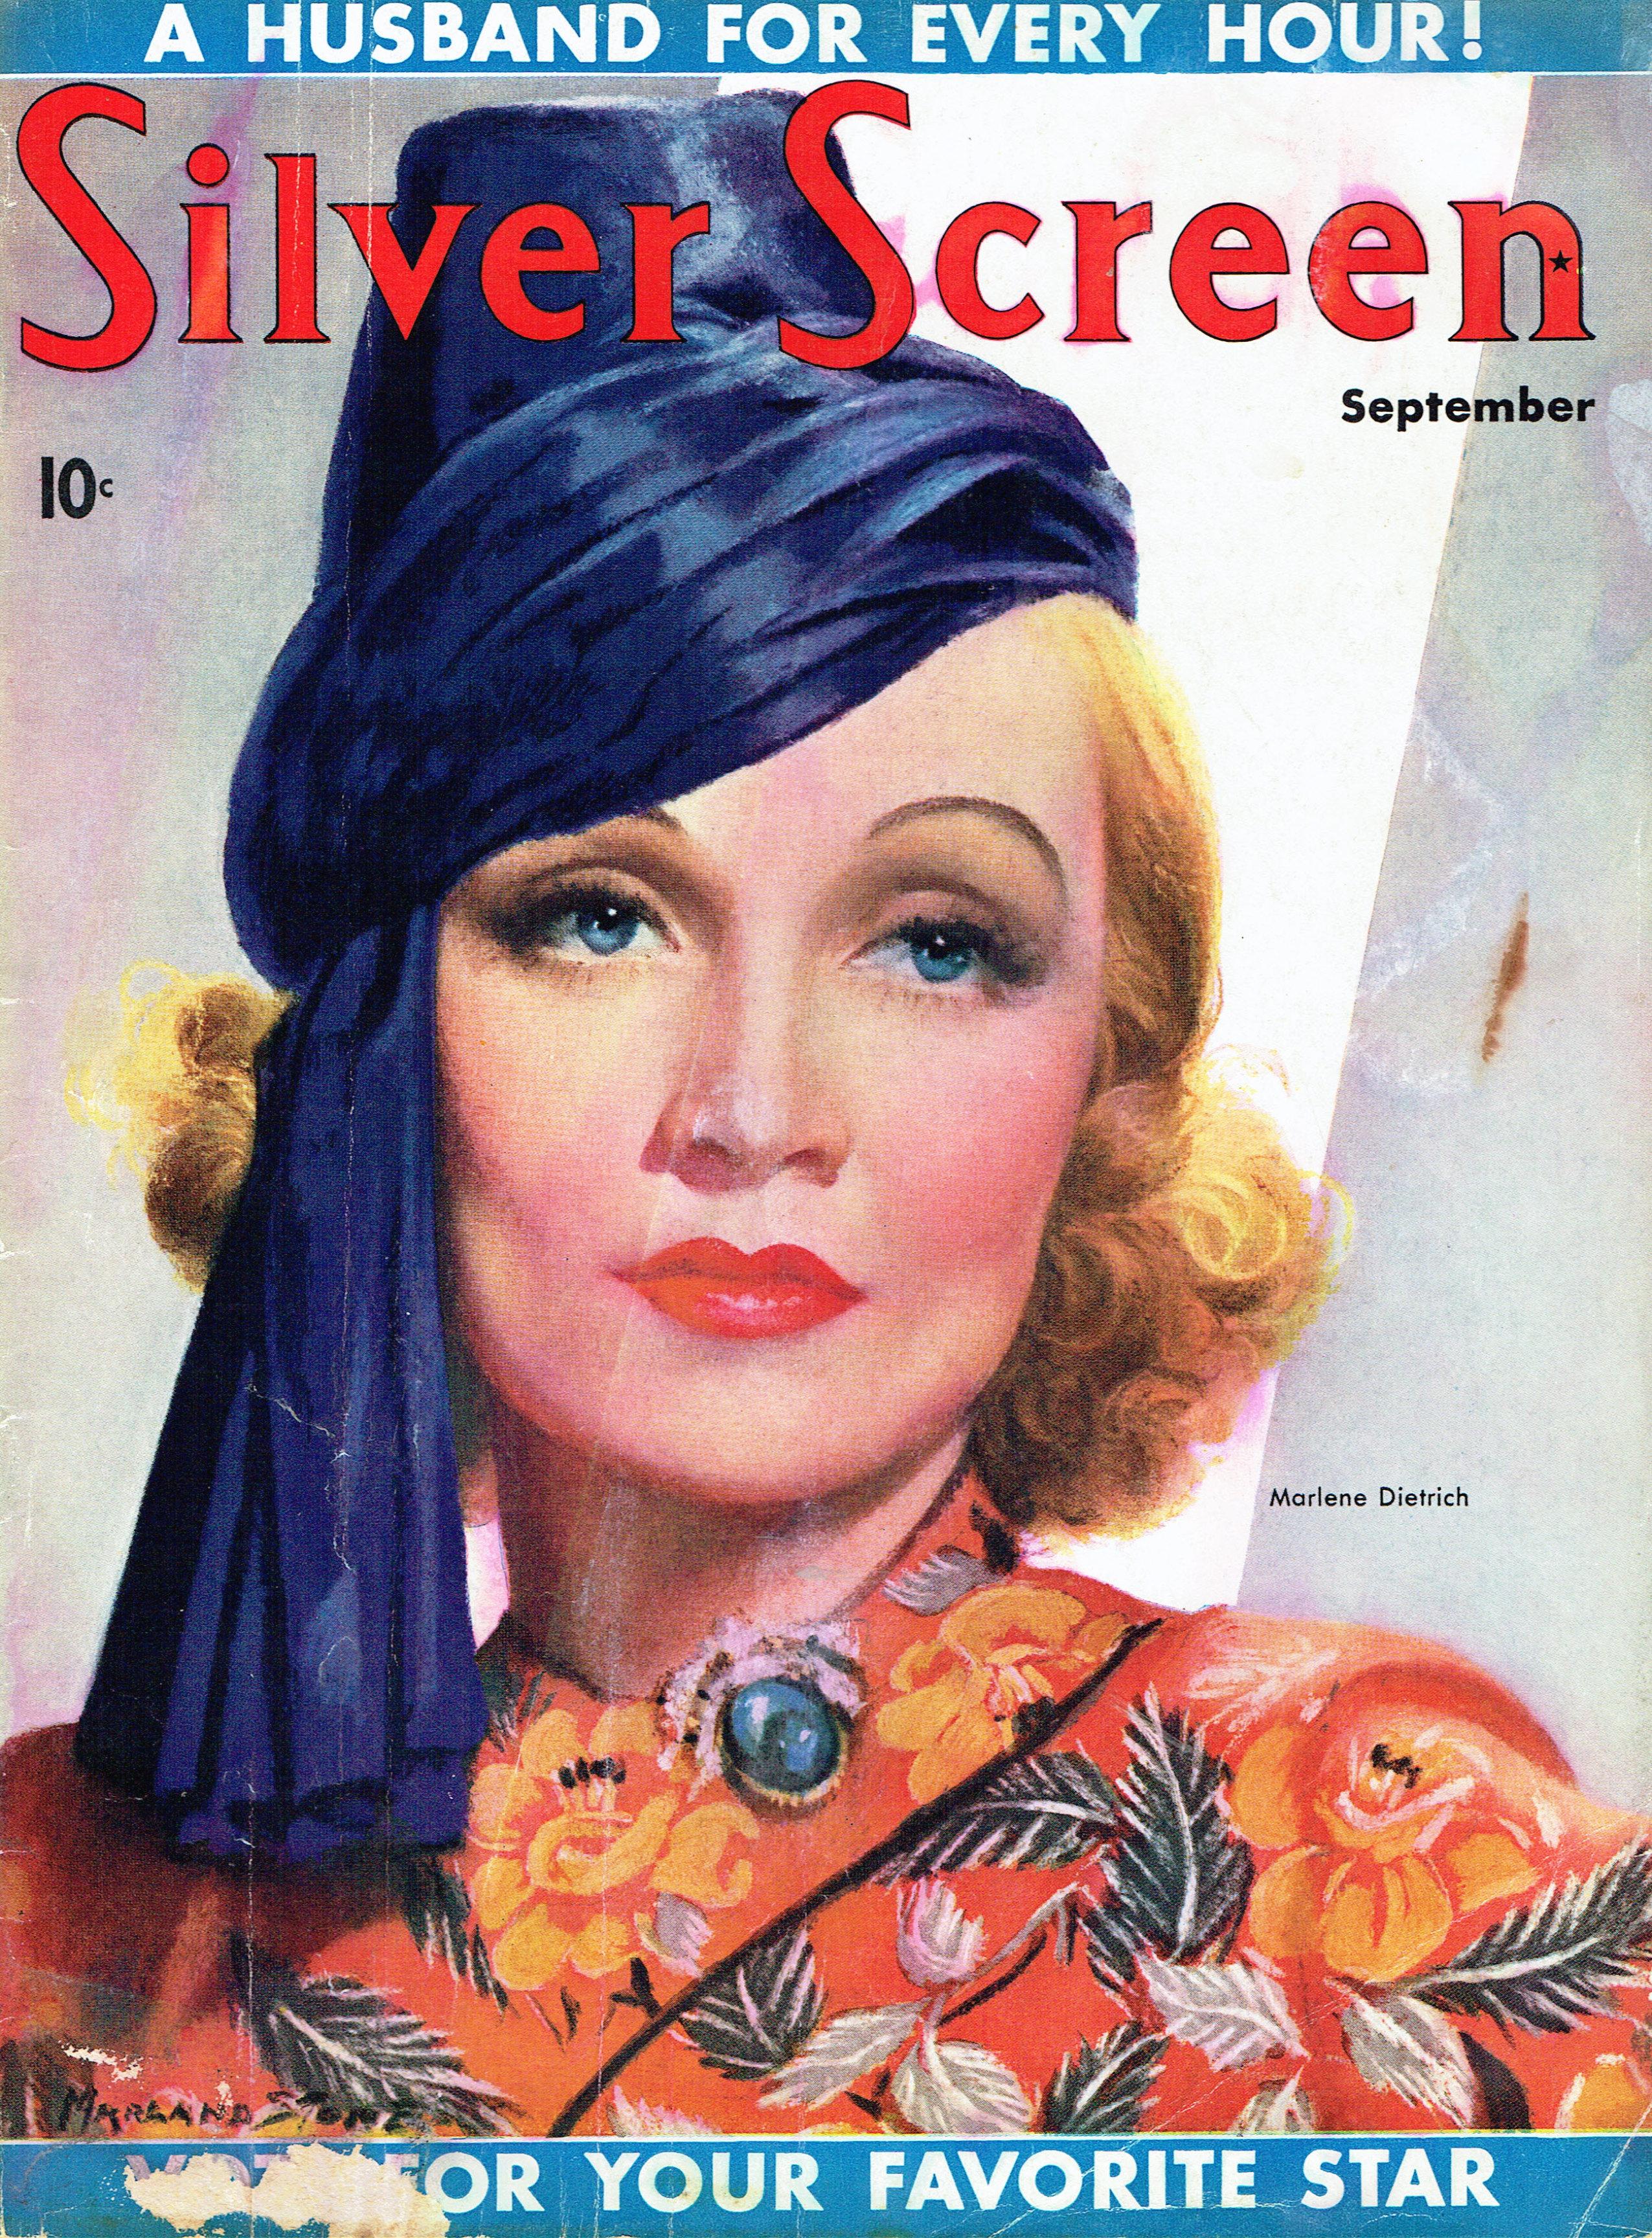 marlene dietrich silver screen september 1937 cover